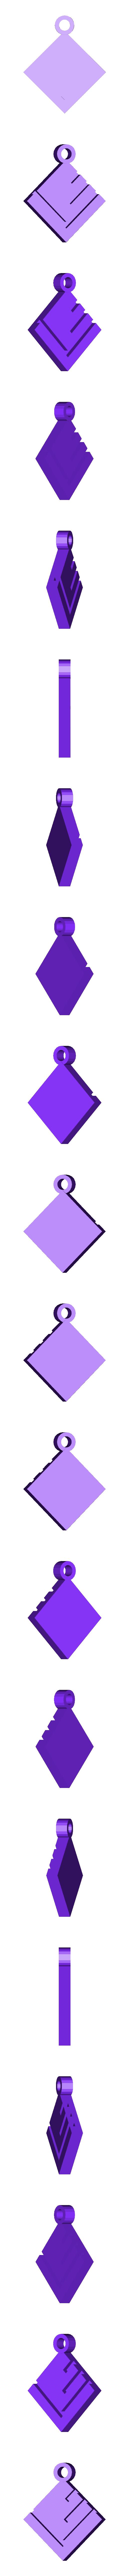 Eris_Charm.stl Télécharger fichier STL gratuit Konosuba - Ordre de l'Axe & Ordre Eris • Plan imprimable en 3D, sh0rt_stak